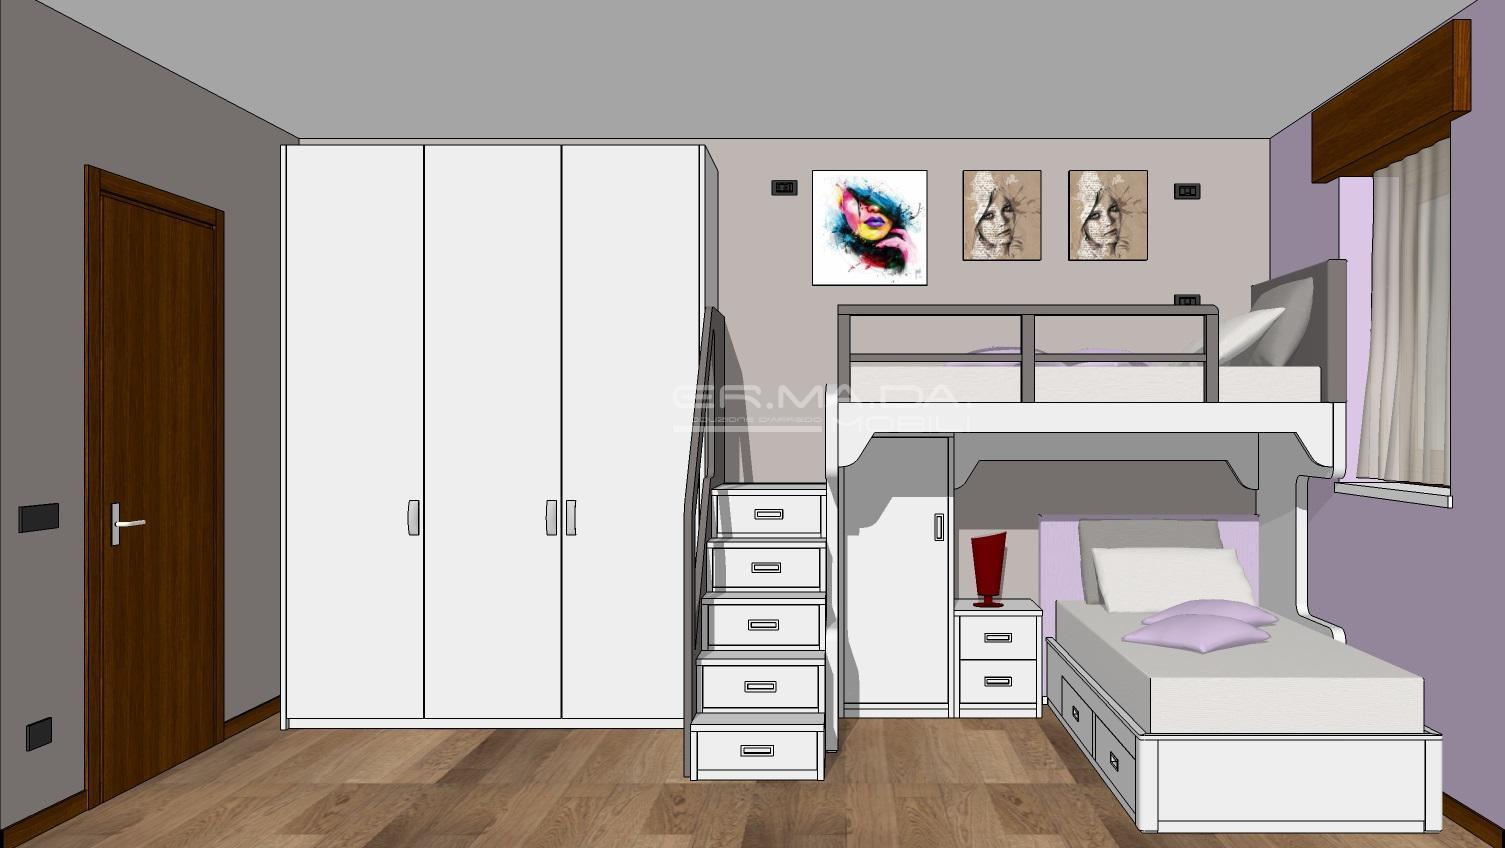 cameretta bambini 14 er ma da mobilificio progetta On progetta i tuoi mobili